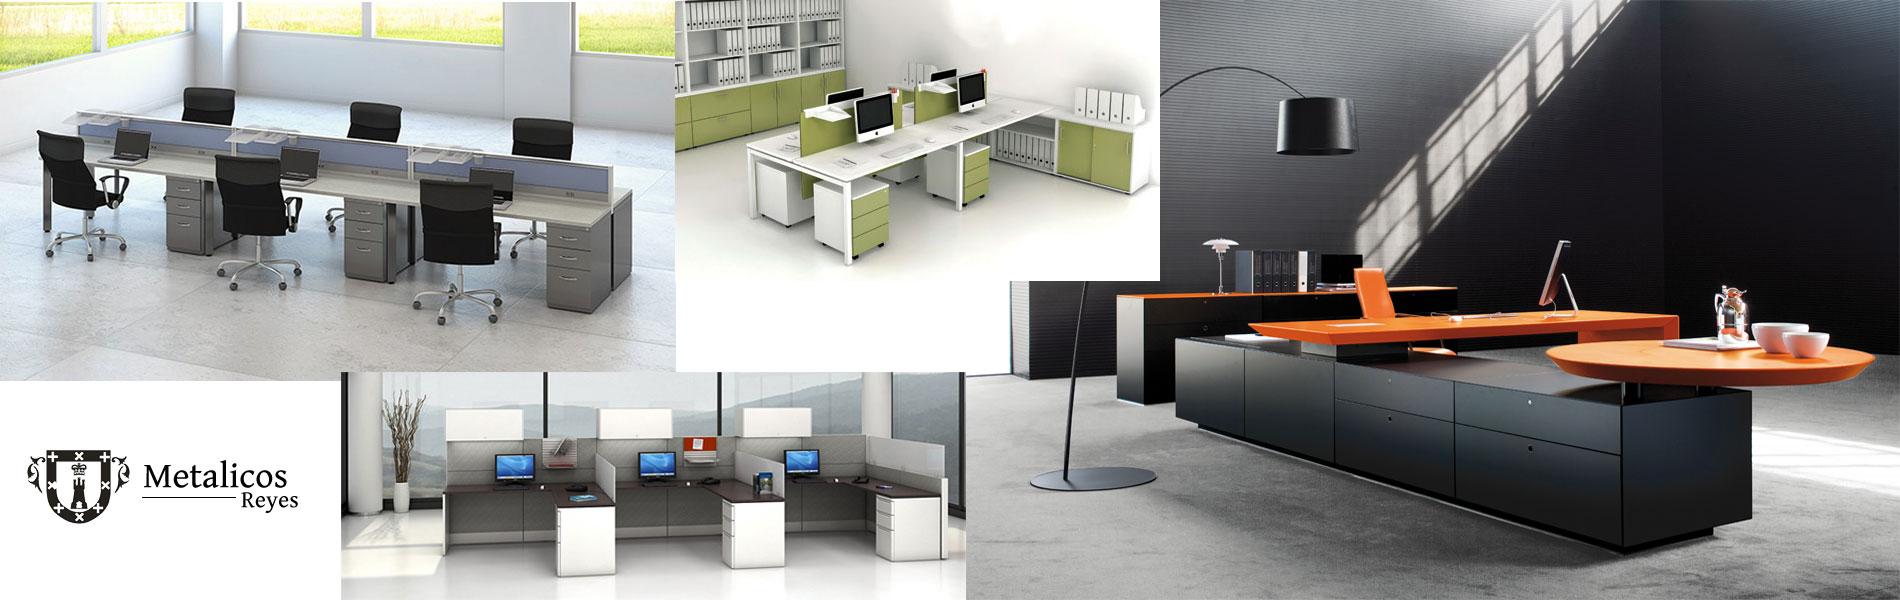 metalicos reyes fabricantes de muebles de metal para la